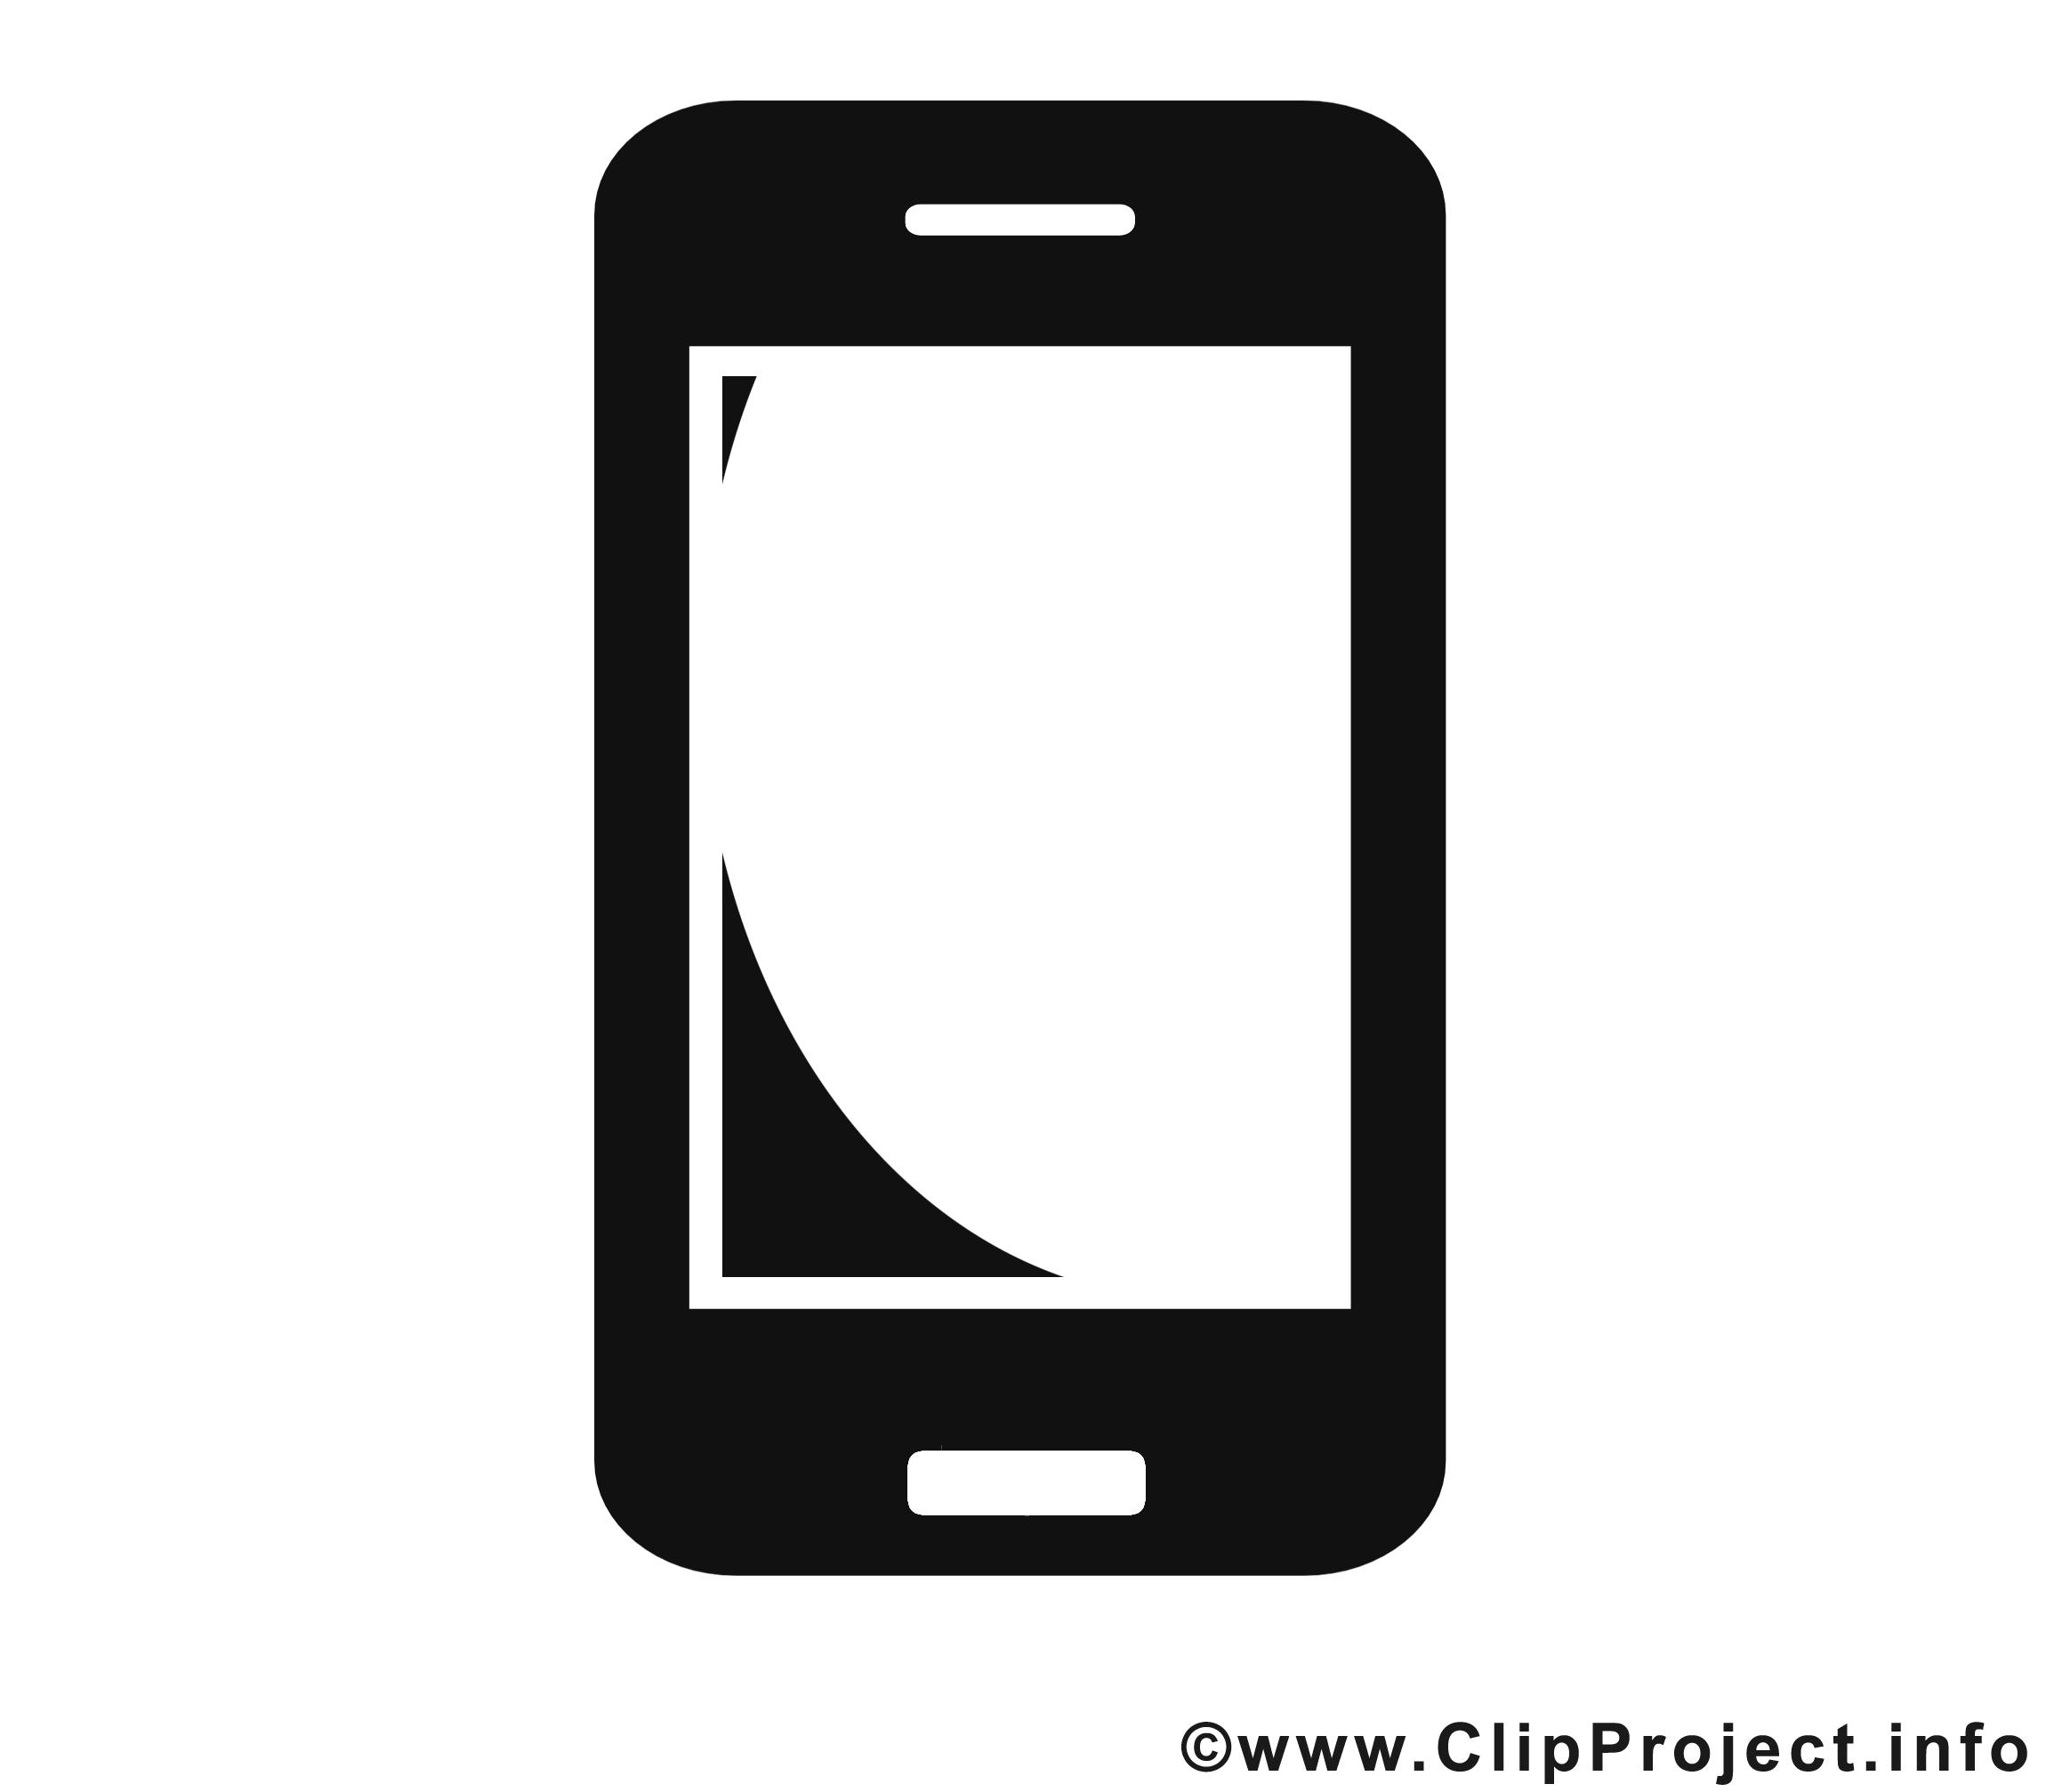 Image: Smartphone clipart - Noir et blanc dessins gratuits